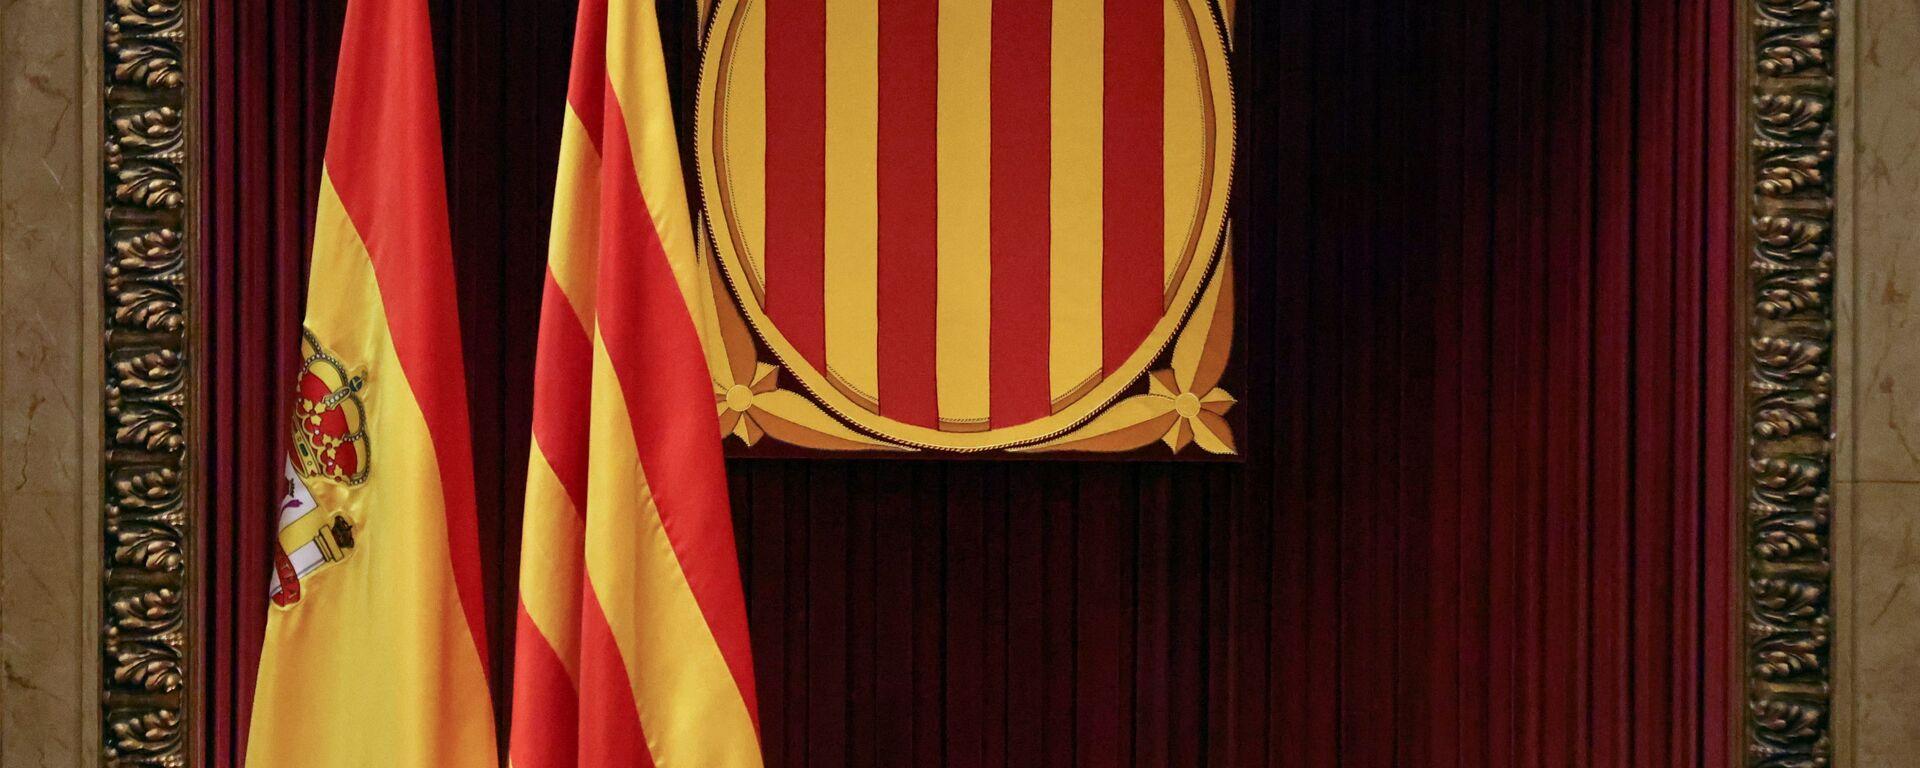 Banderas de España y Cataluña en el Parlamento catalán - Sputnik Mundo, 1920, 05.02.2021